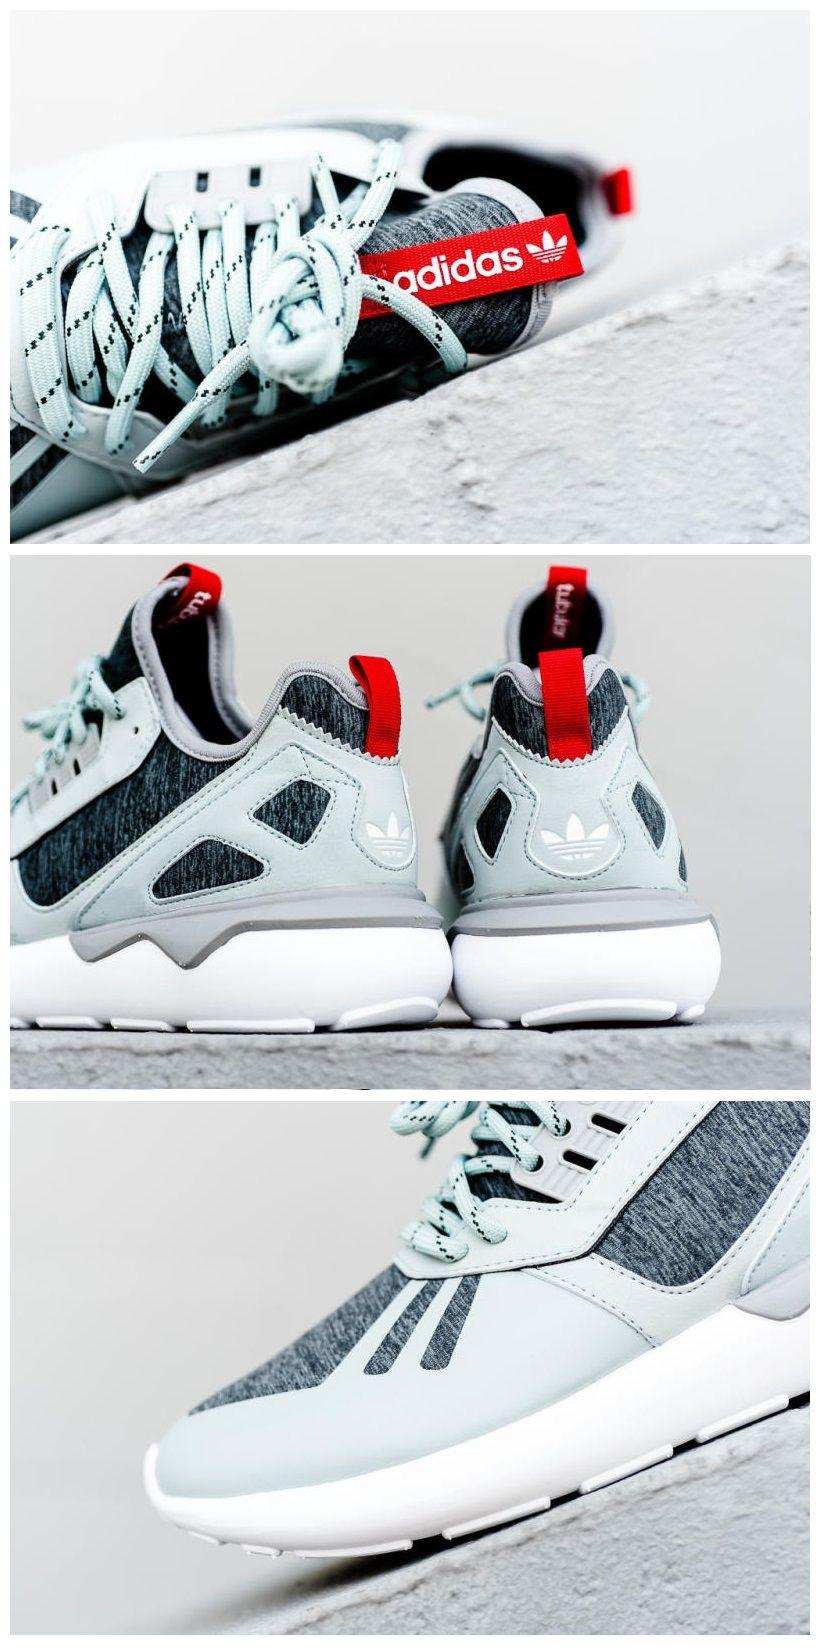 reputable site 318c8 8d3c6 adidas Originals Tubular Runner  Tomato Pack